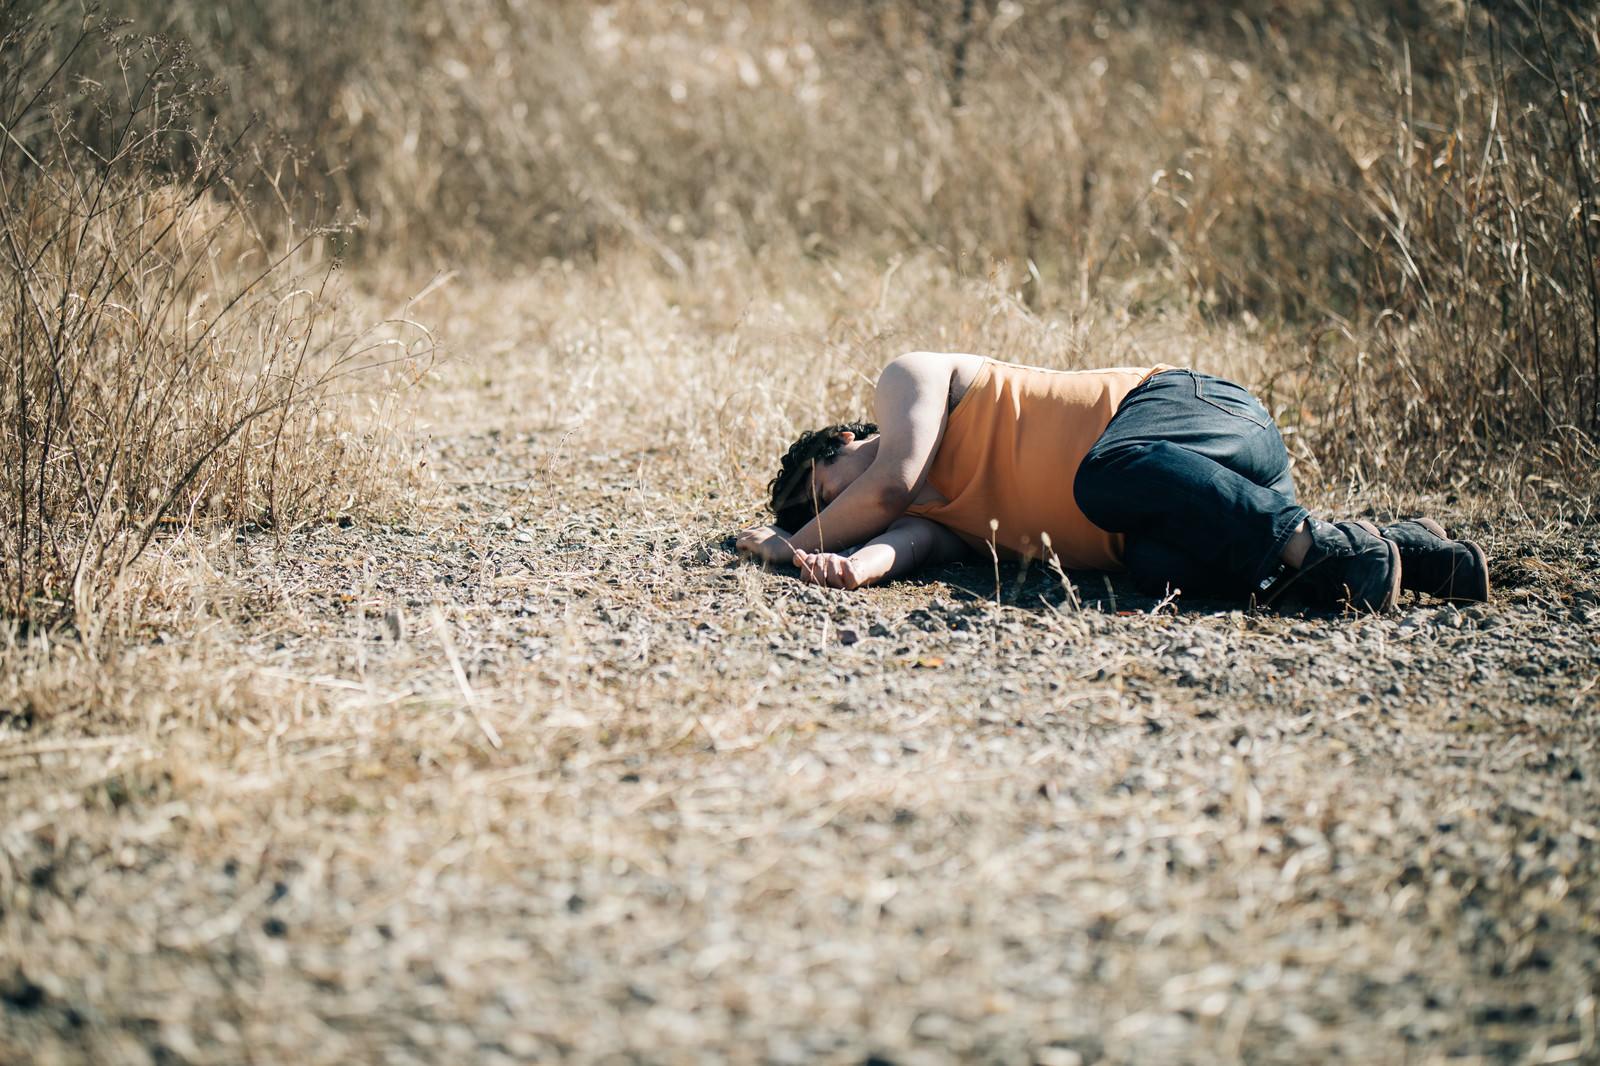 「倒れ込むかませ犬倒れ込むかませ犬」[モデル:段田隼人]のフリー写真素材を拡大